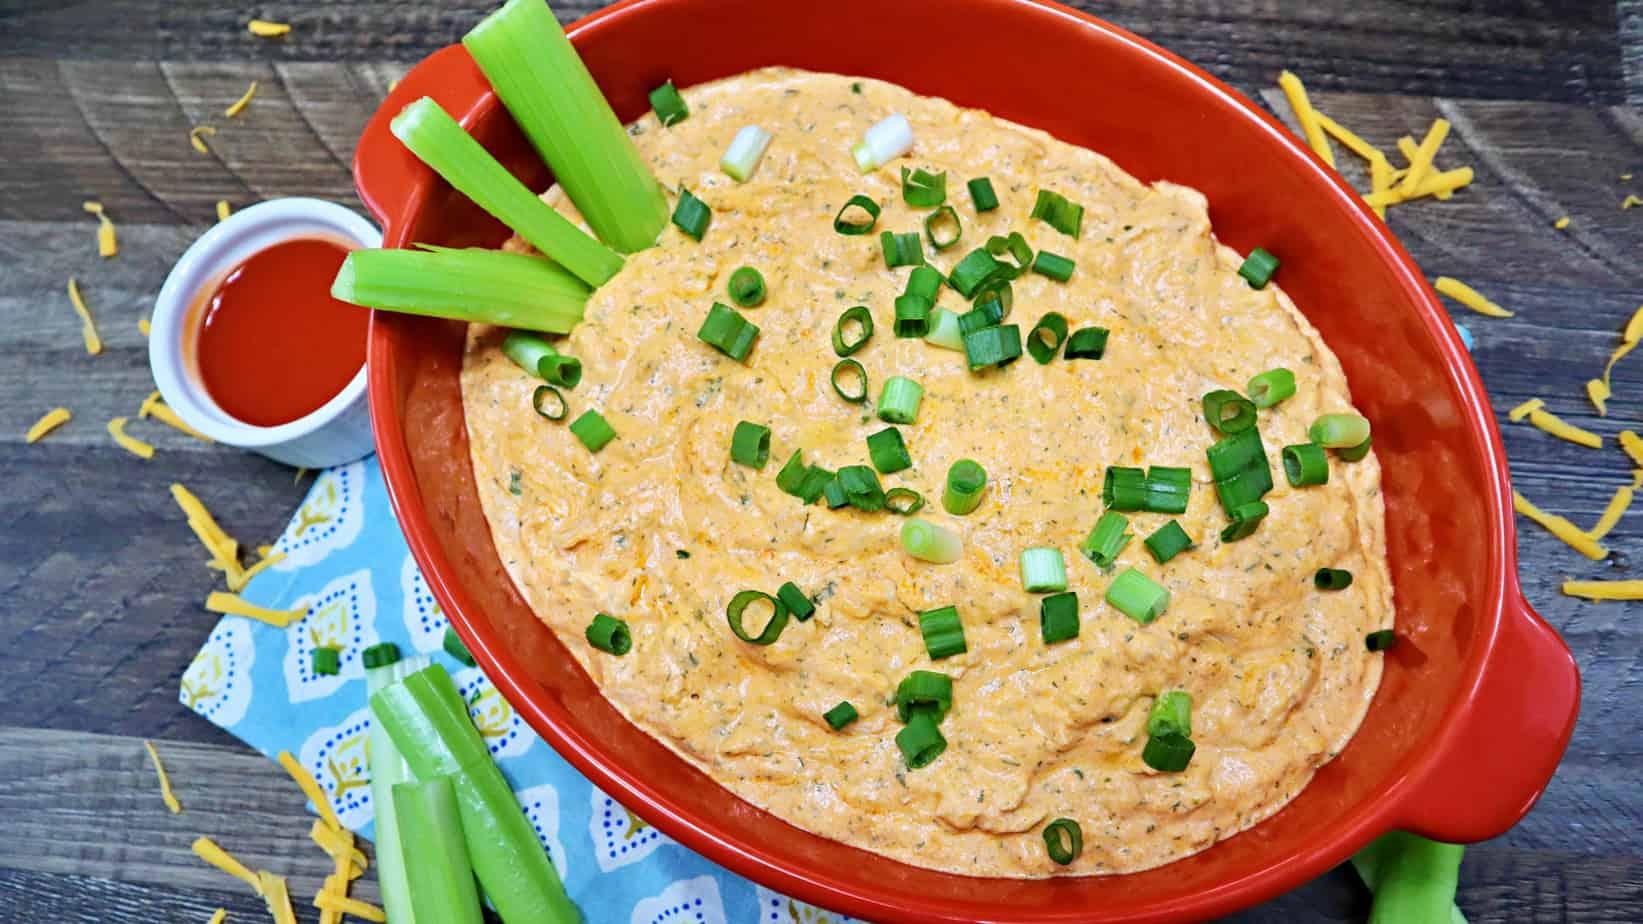 Keto Cheesy Buffalo Chicken Dip Recipe